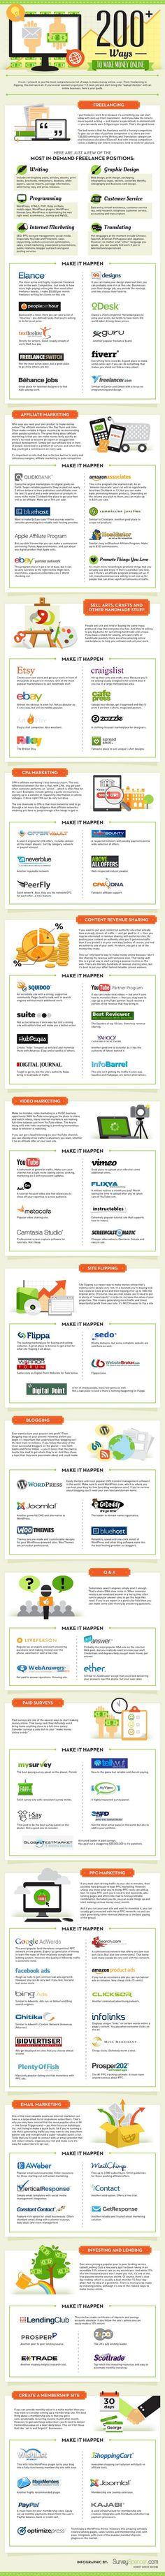 200 idées pour gagner de l'argent sur Internet [Infographie]